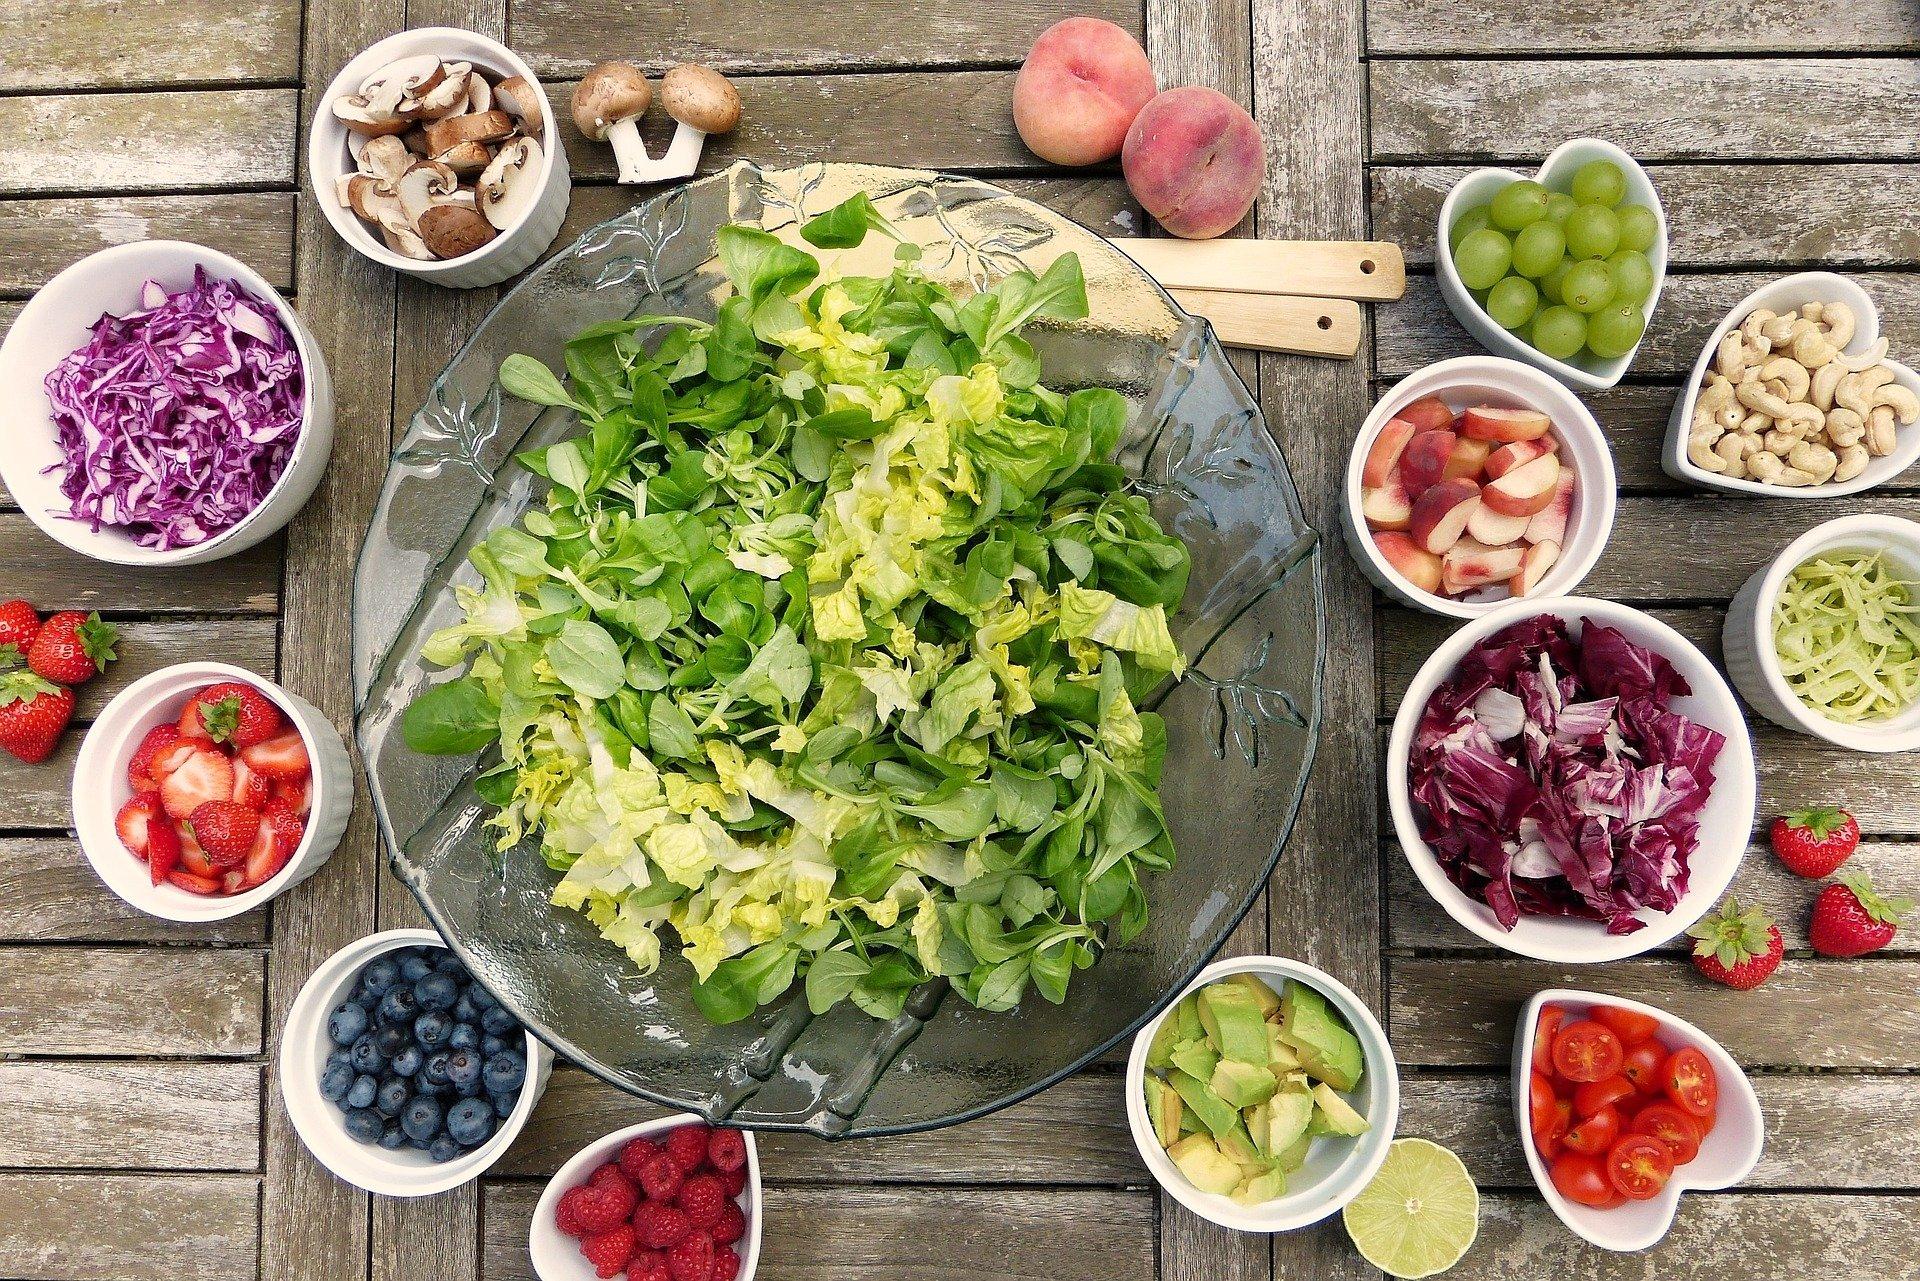 Salat, Gemüse und Obst - Fasten